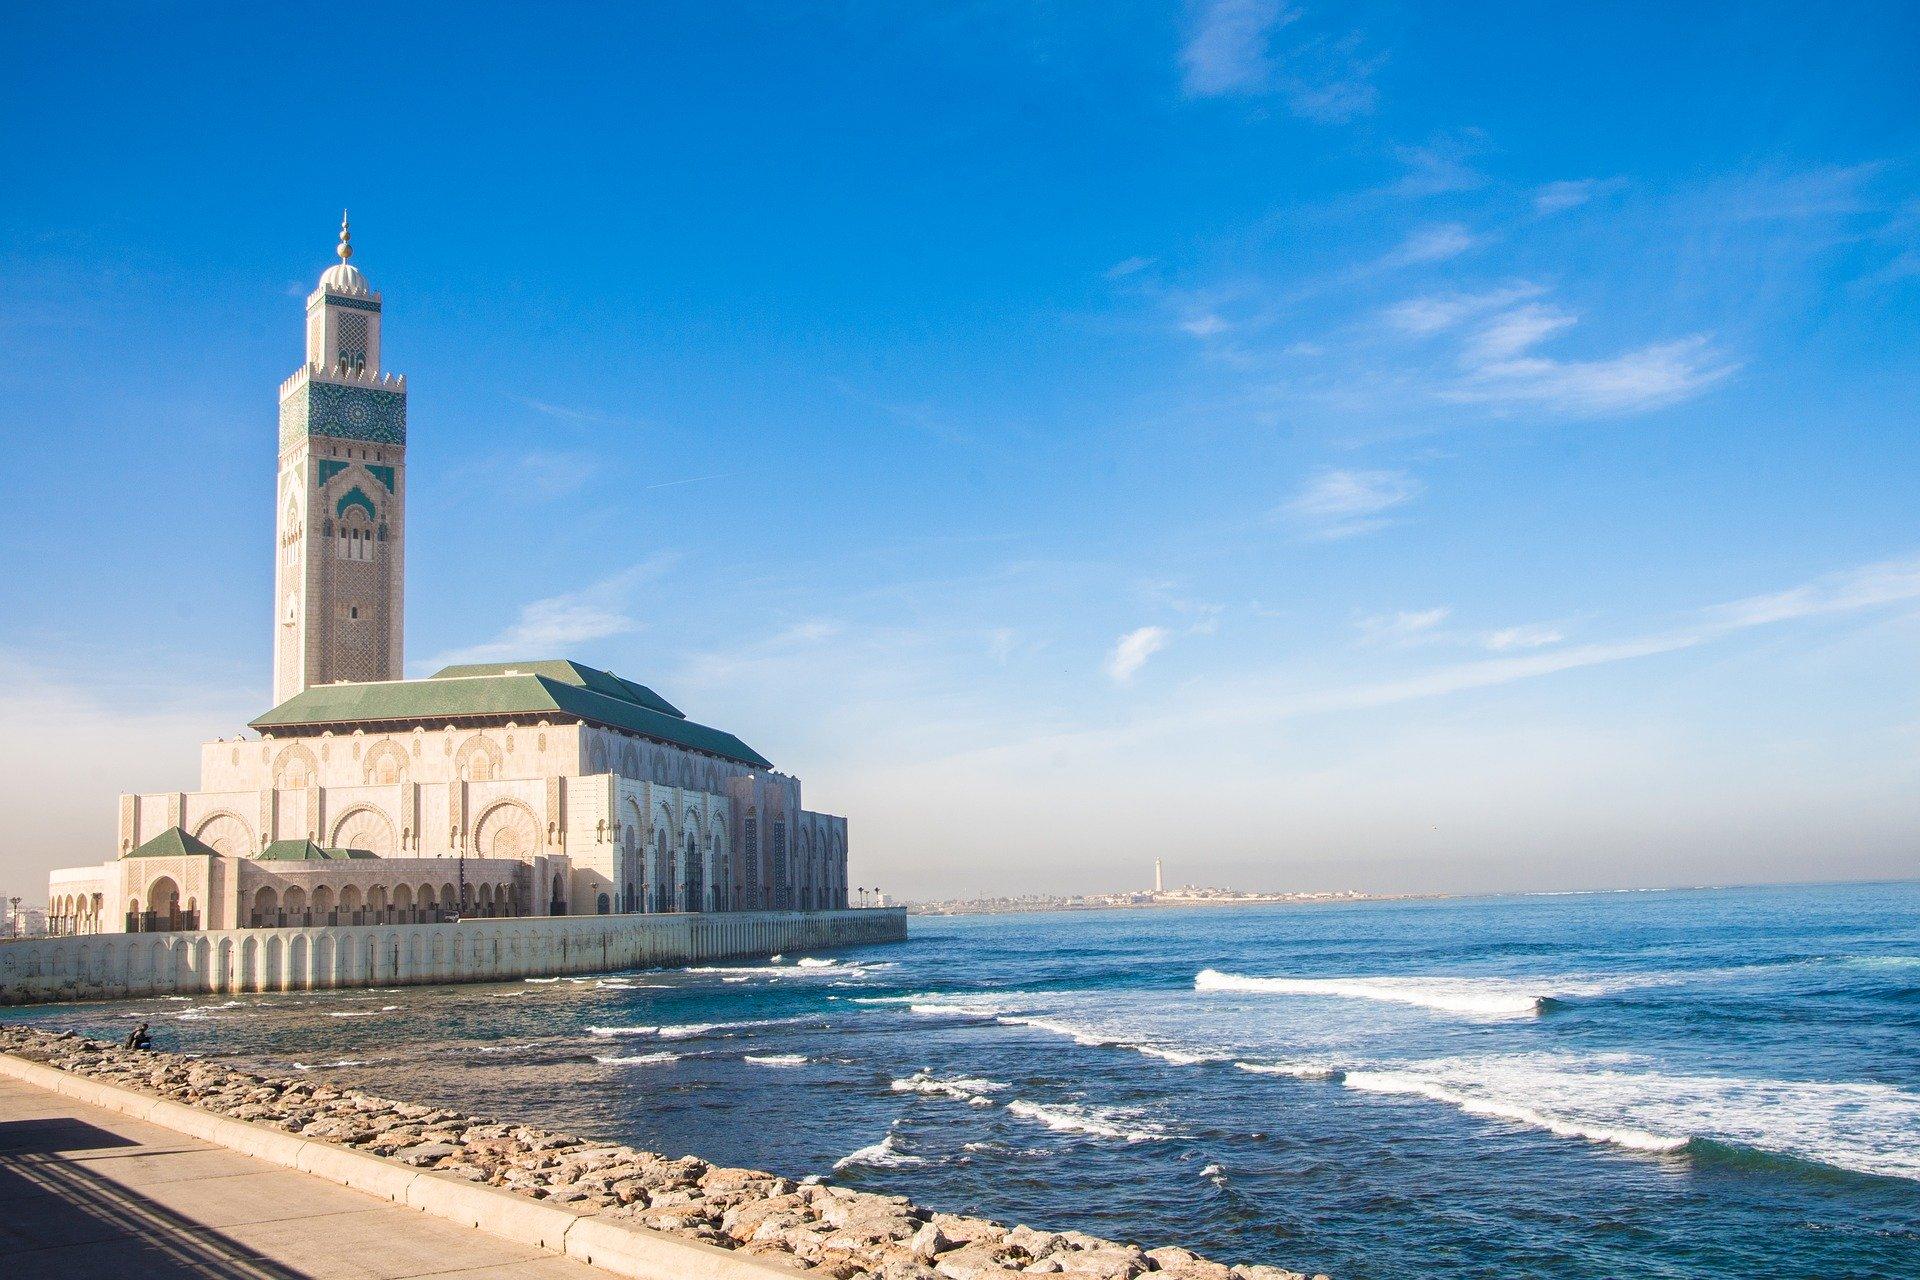 Rundreise durch Marokko: Empfehlungen & Vergleich (08/20)